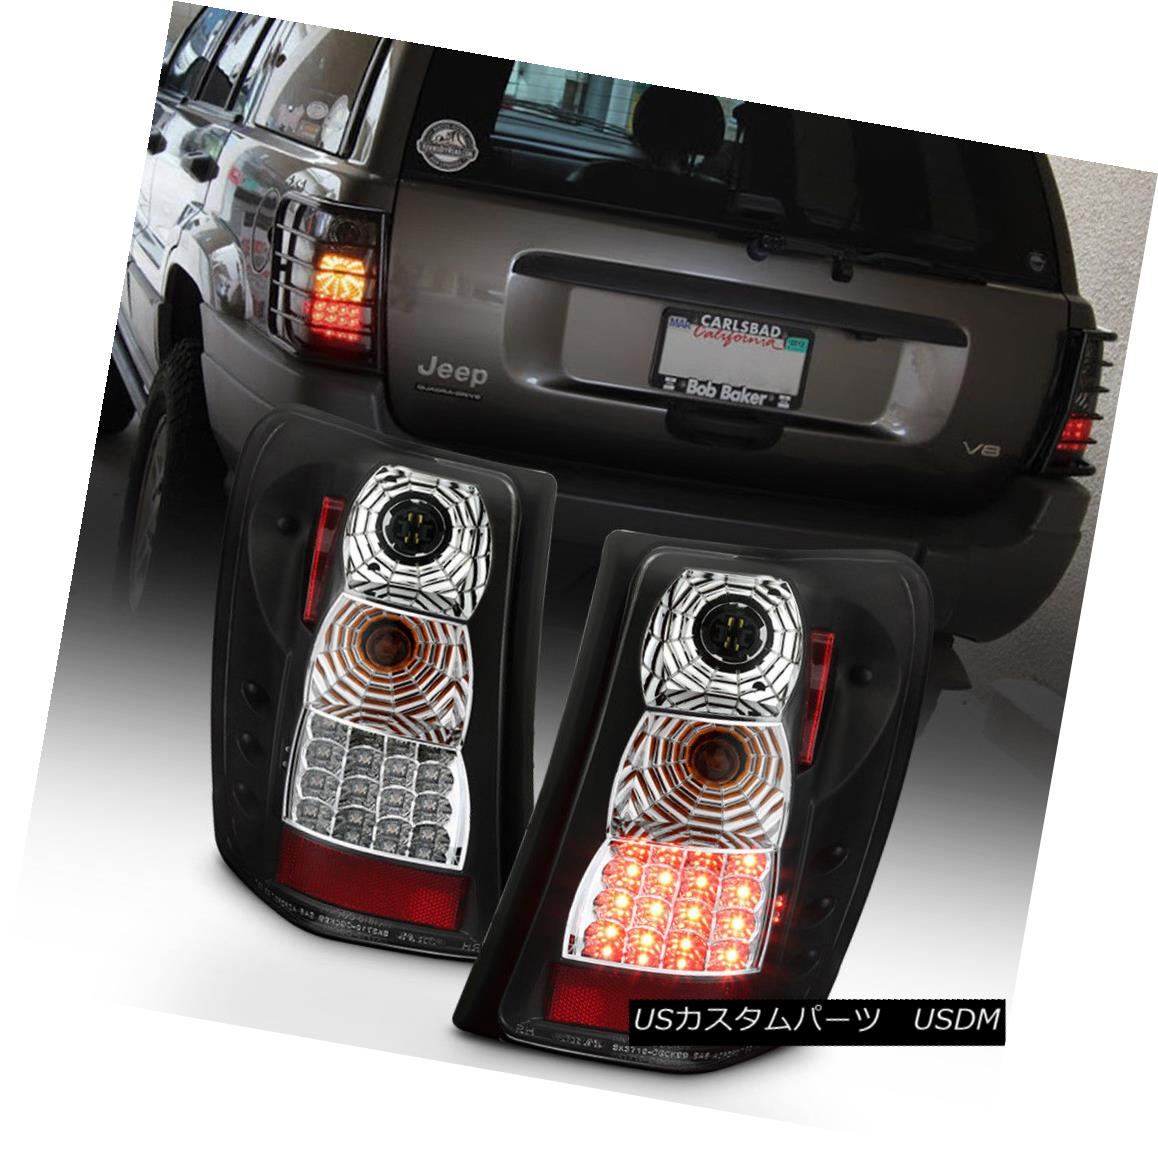 テールライト 1999-2004 Jeep Grand Cherokee Black Philips LED Tail Lights Lamps Left+Right 1999-2004 Jeep Grand Cherokee Black Philips LEDテールライトランプ左+右